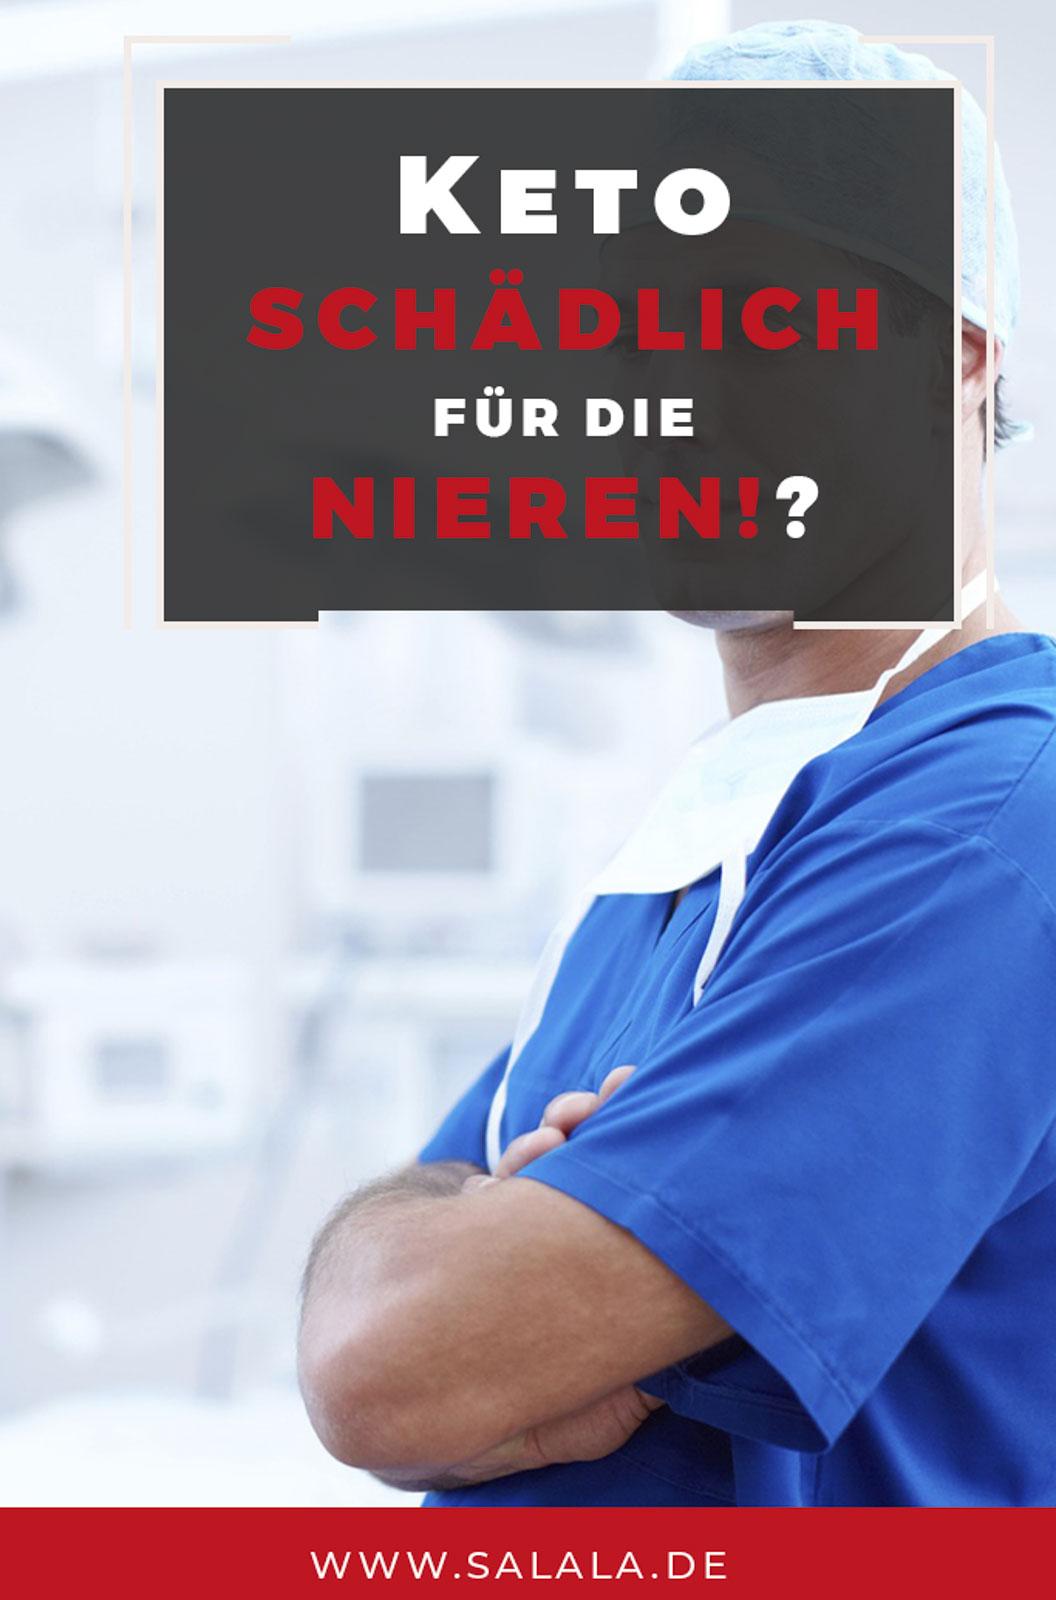 Mein Arzt sagt, Keto ist schädlich für die Nieren. Stimmt das wirklich? Macht das viele Eiweiß bei Keto meine Nieren kaputt? Im